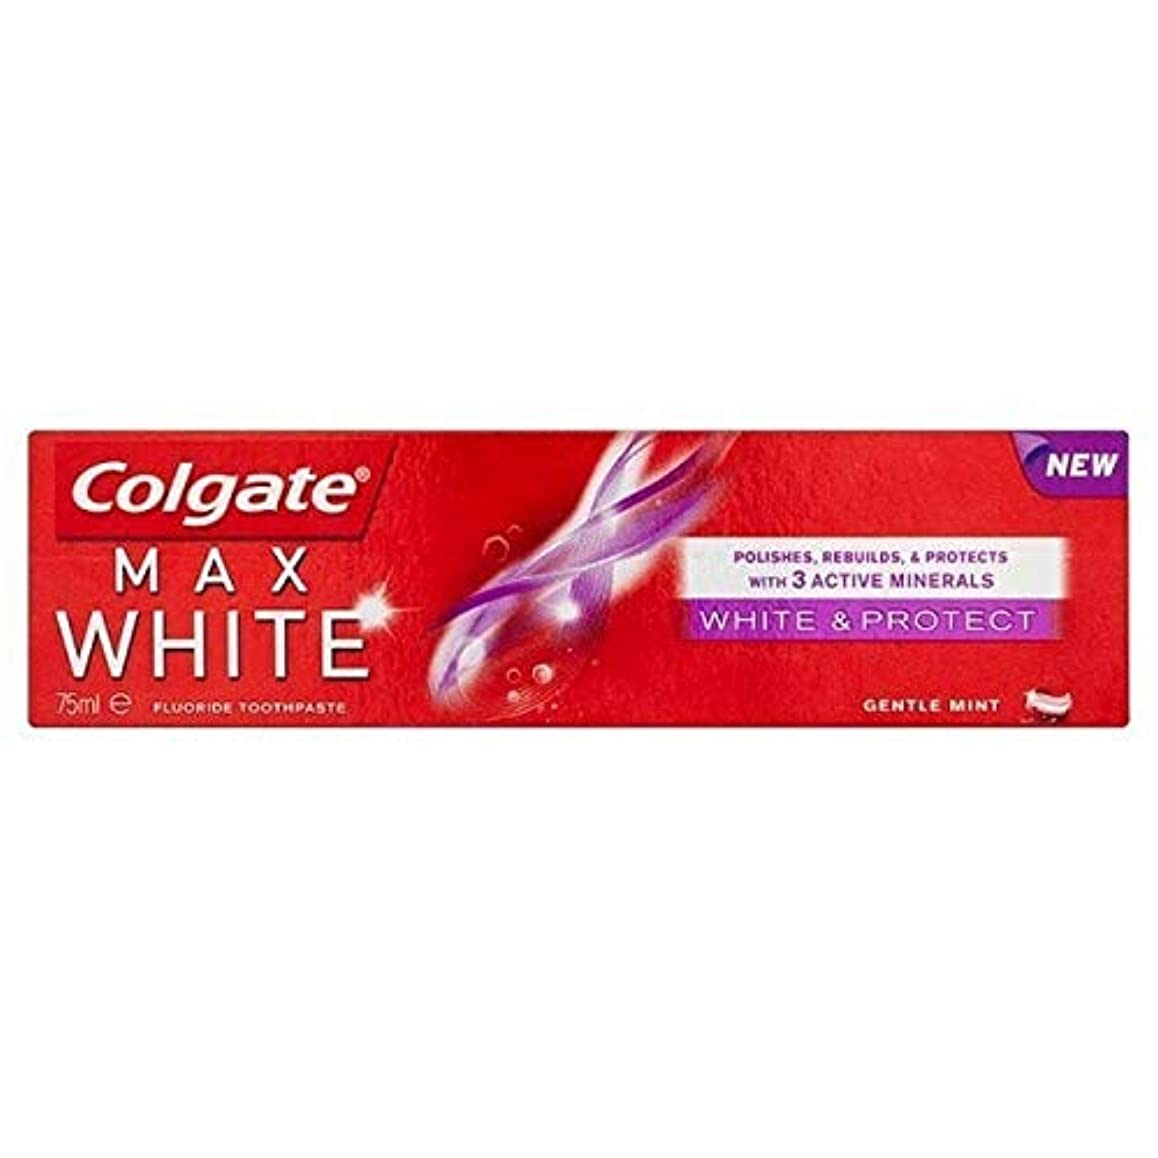 リンスミケランジェロ圧倒する[Colgate ] コルゲートマックスホワイトホワイトニング&歯磨き粉75ミリリットルを保護 - Colgate Max White Whitening & Protect Toothpaste 75ml [並行輸入品]